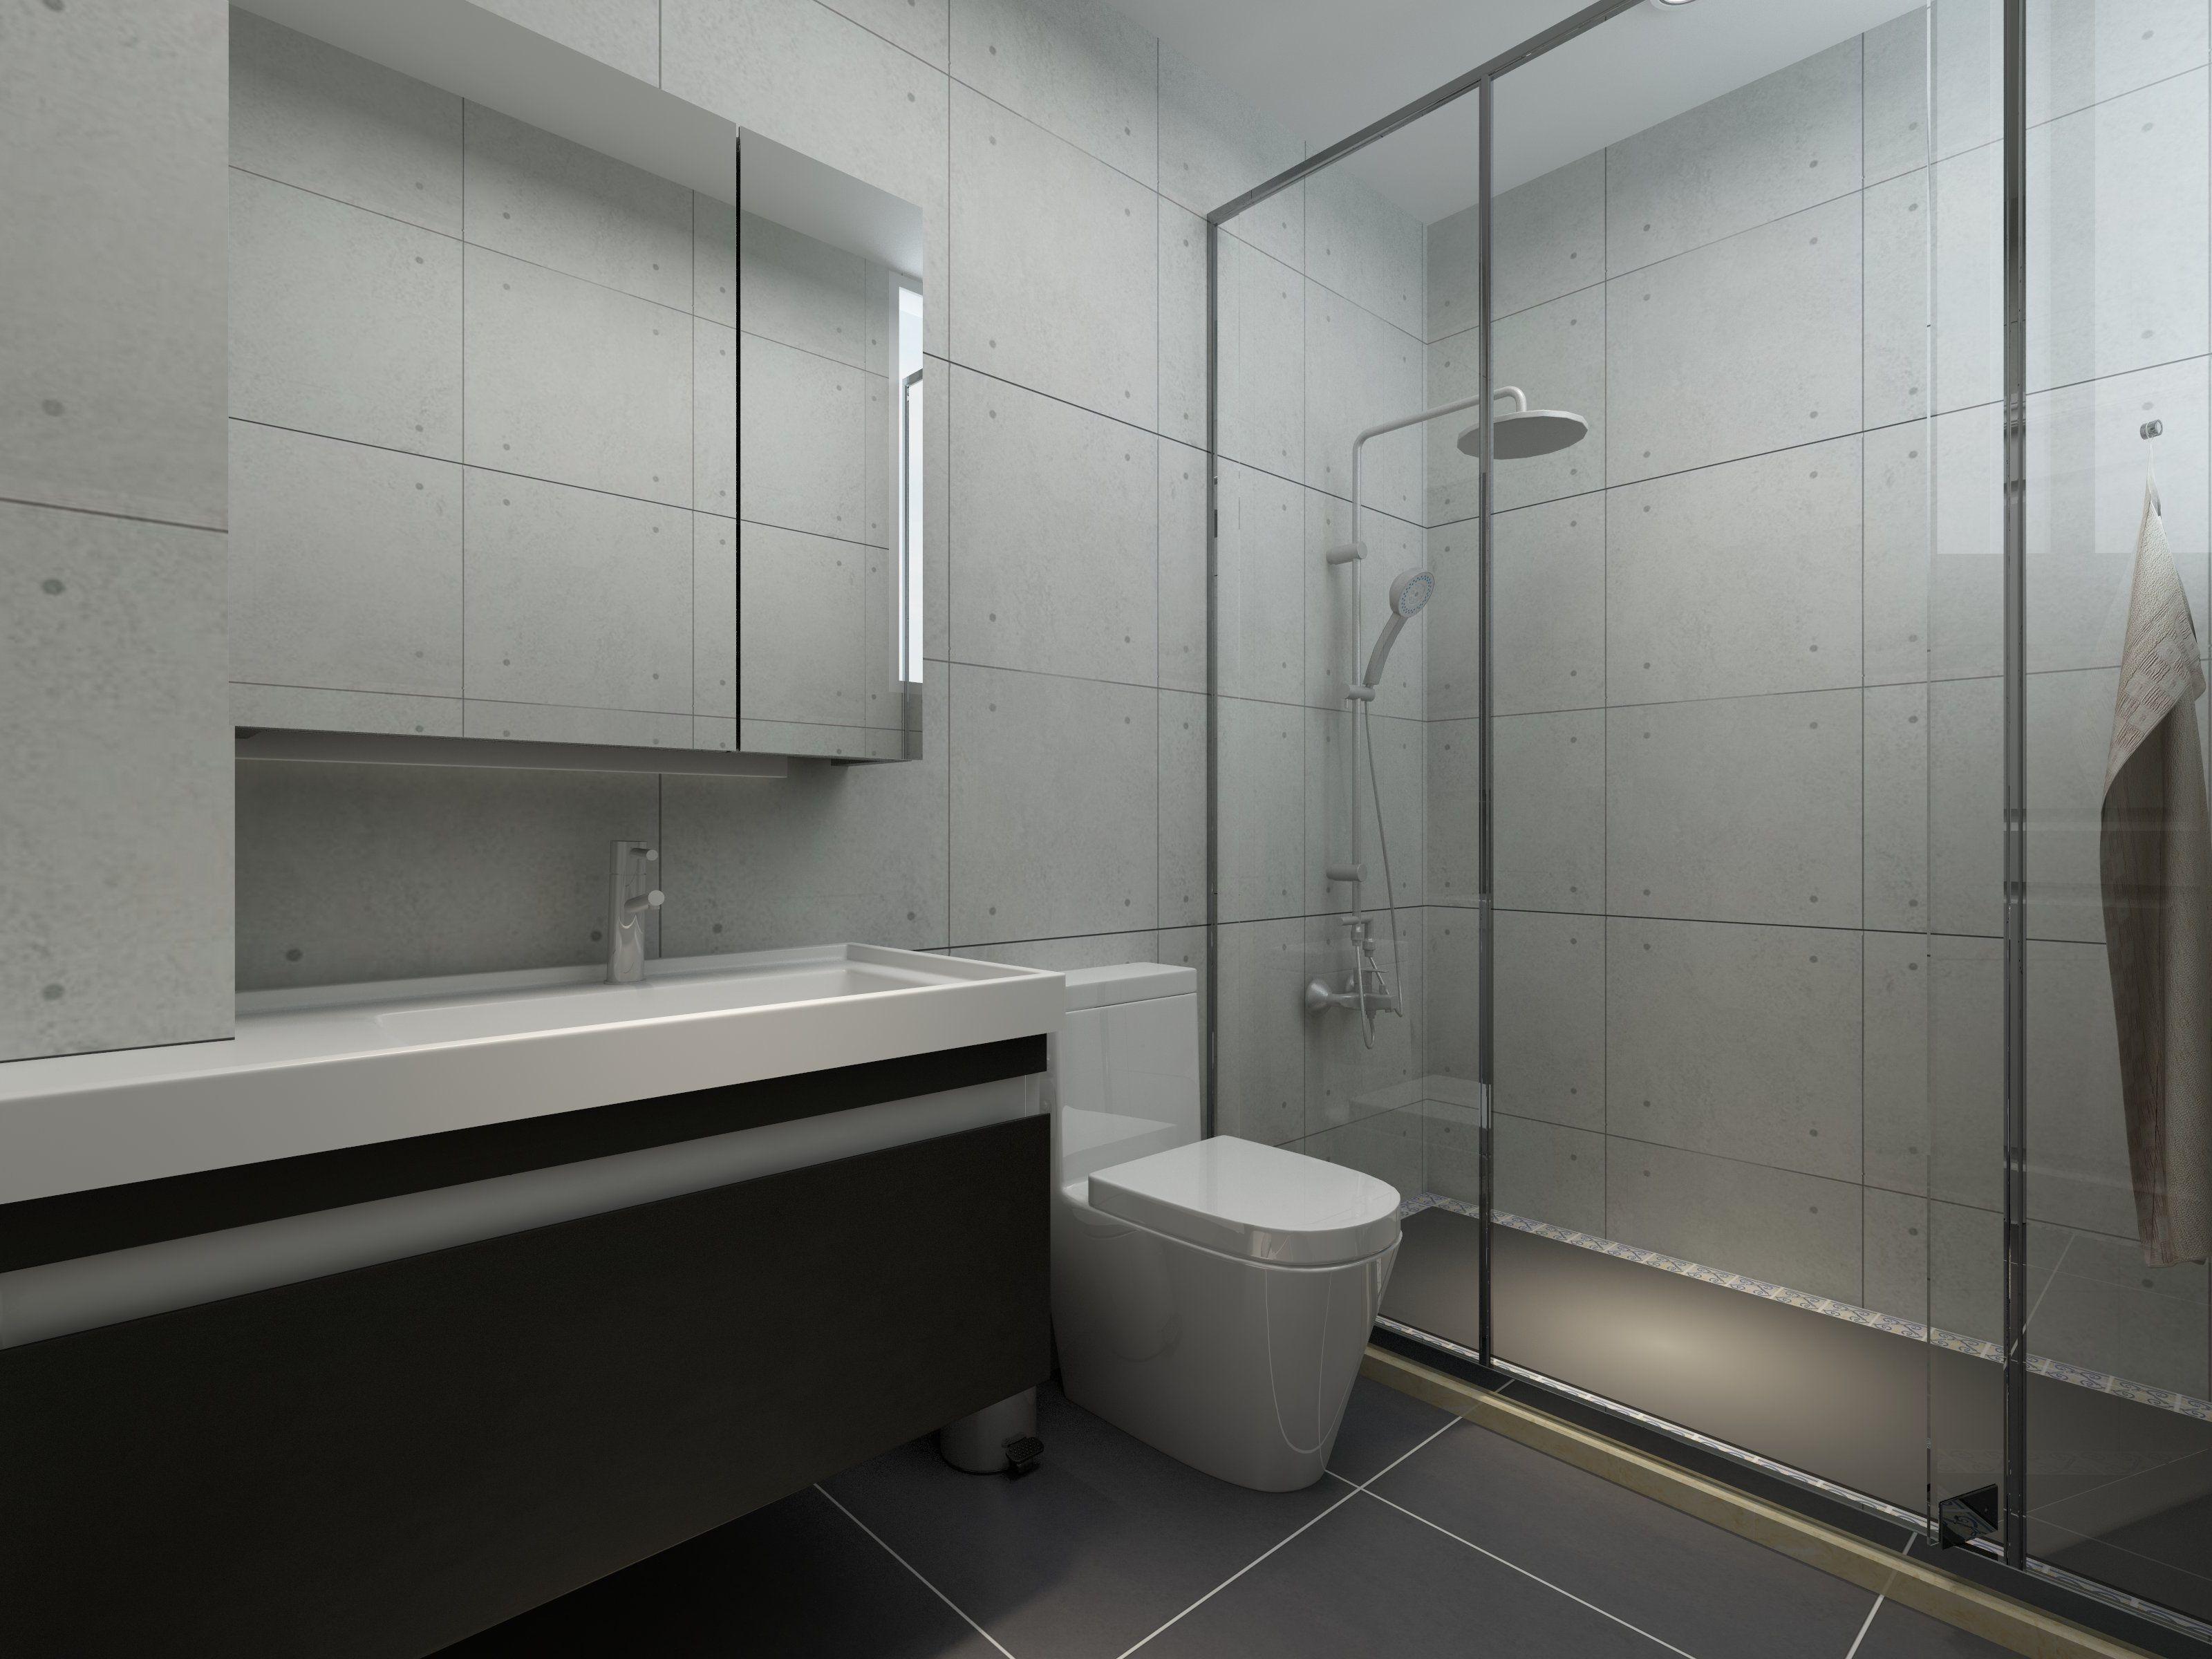 150平米别墅北欧简约风格淋浴隔断装修效果图